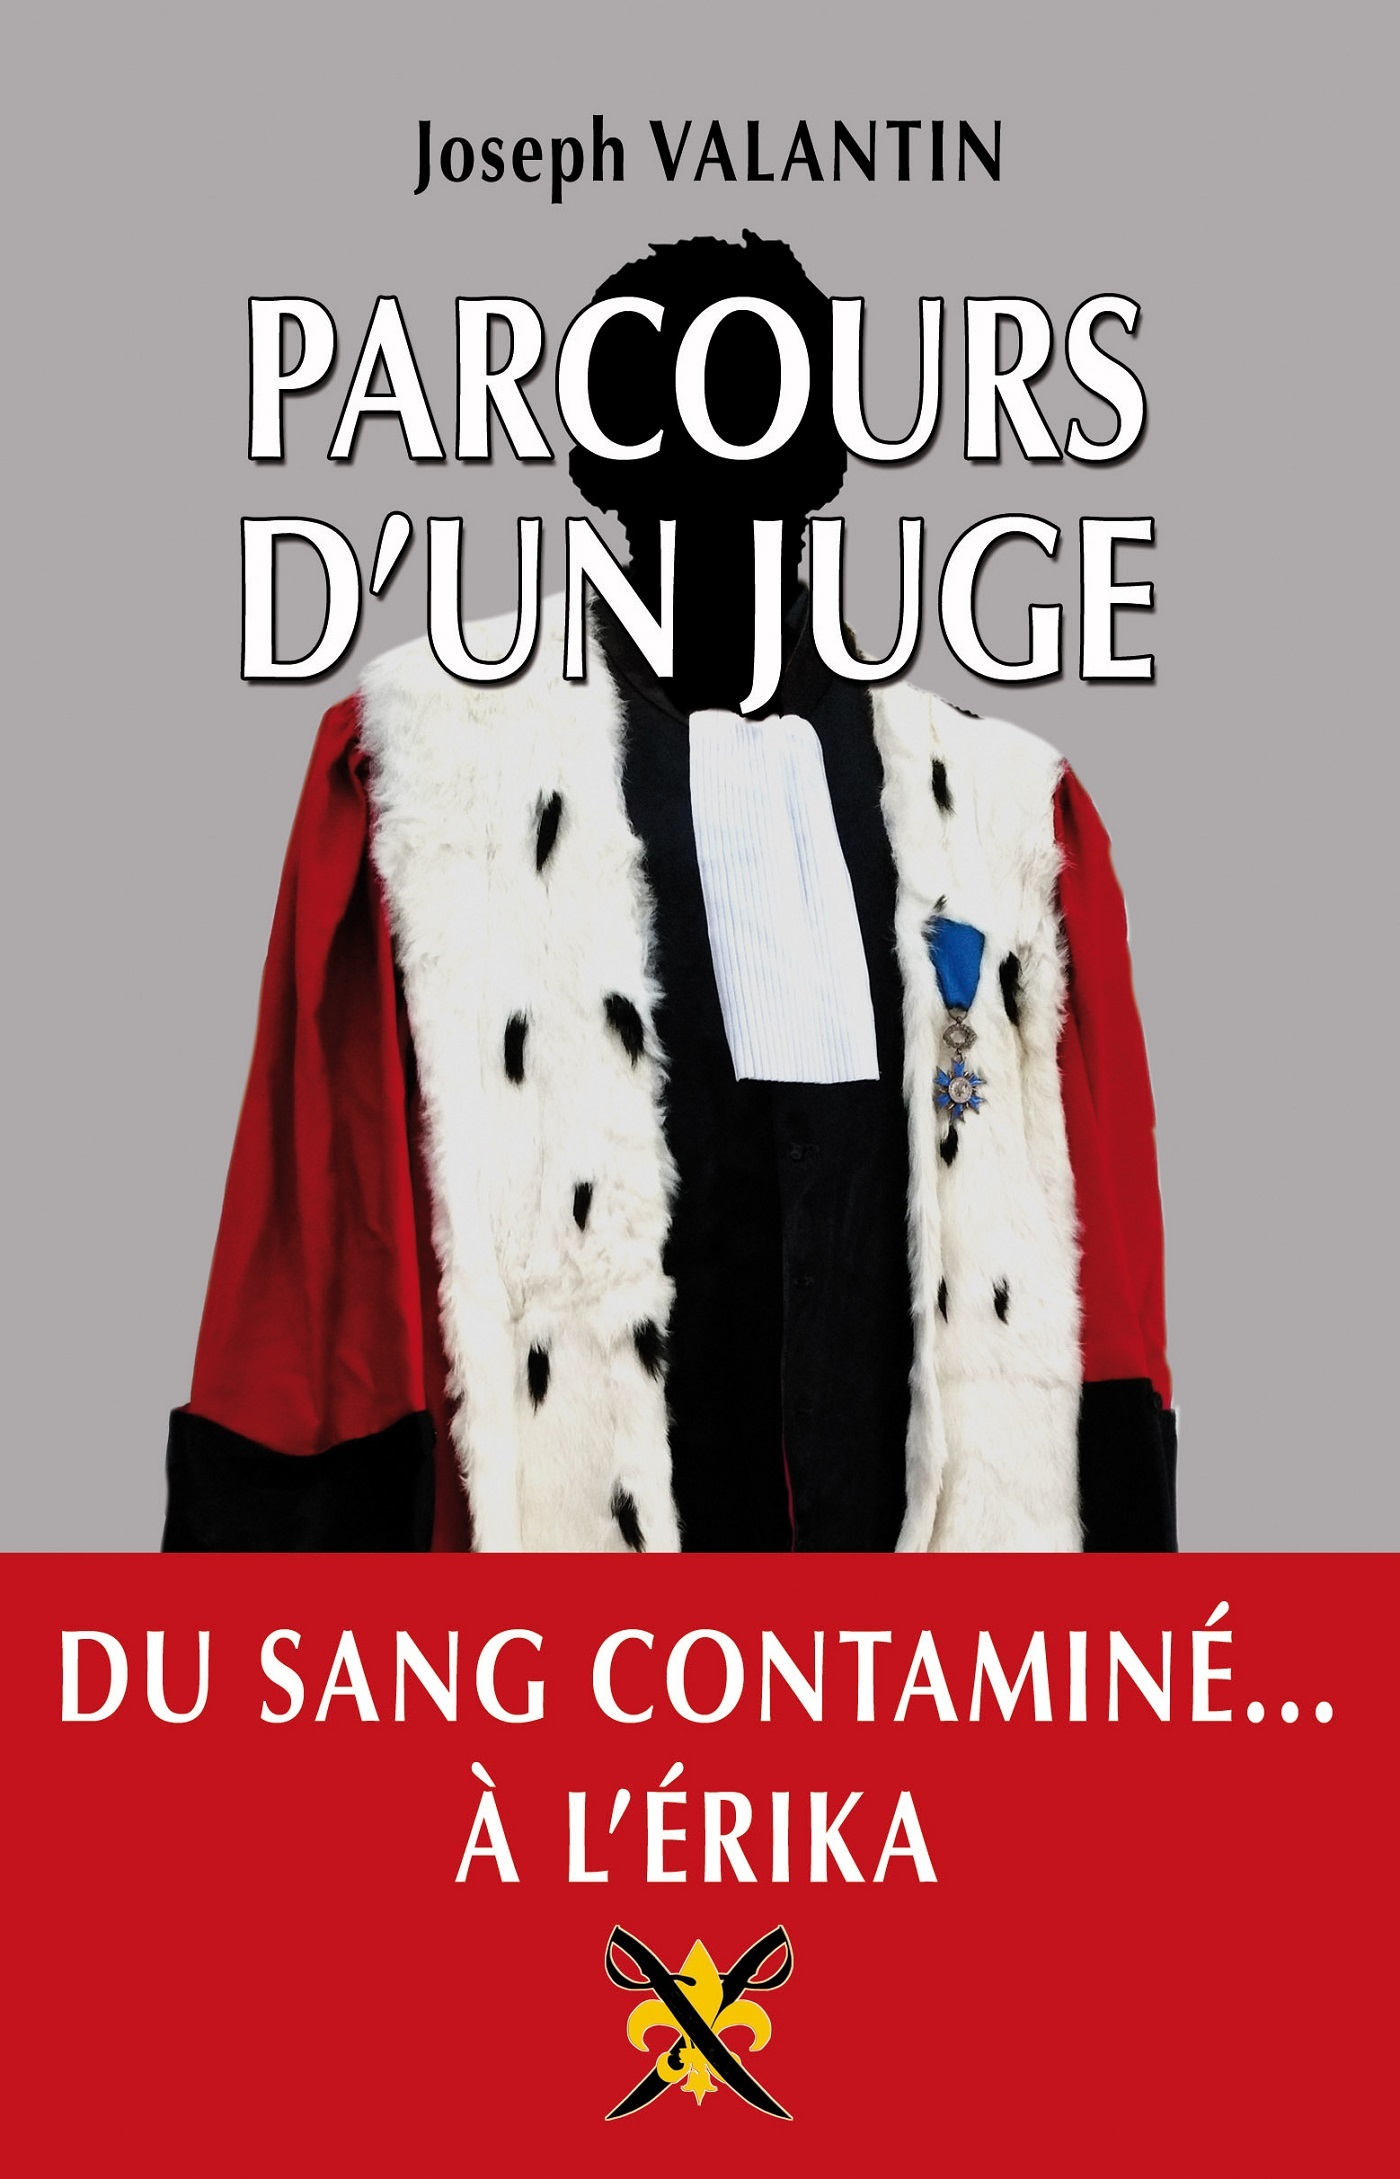 PARCOURS D'UN JUGE - DU SANG CONTAMINE... A L'ERIKA